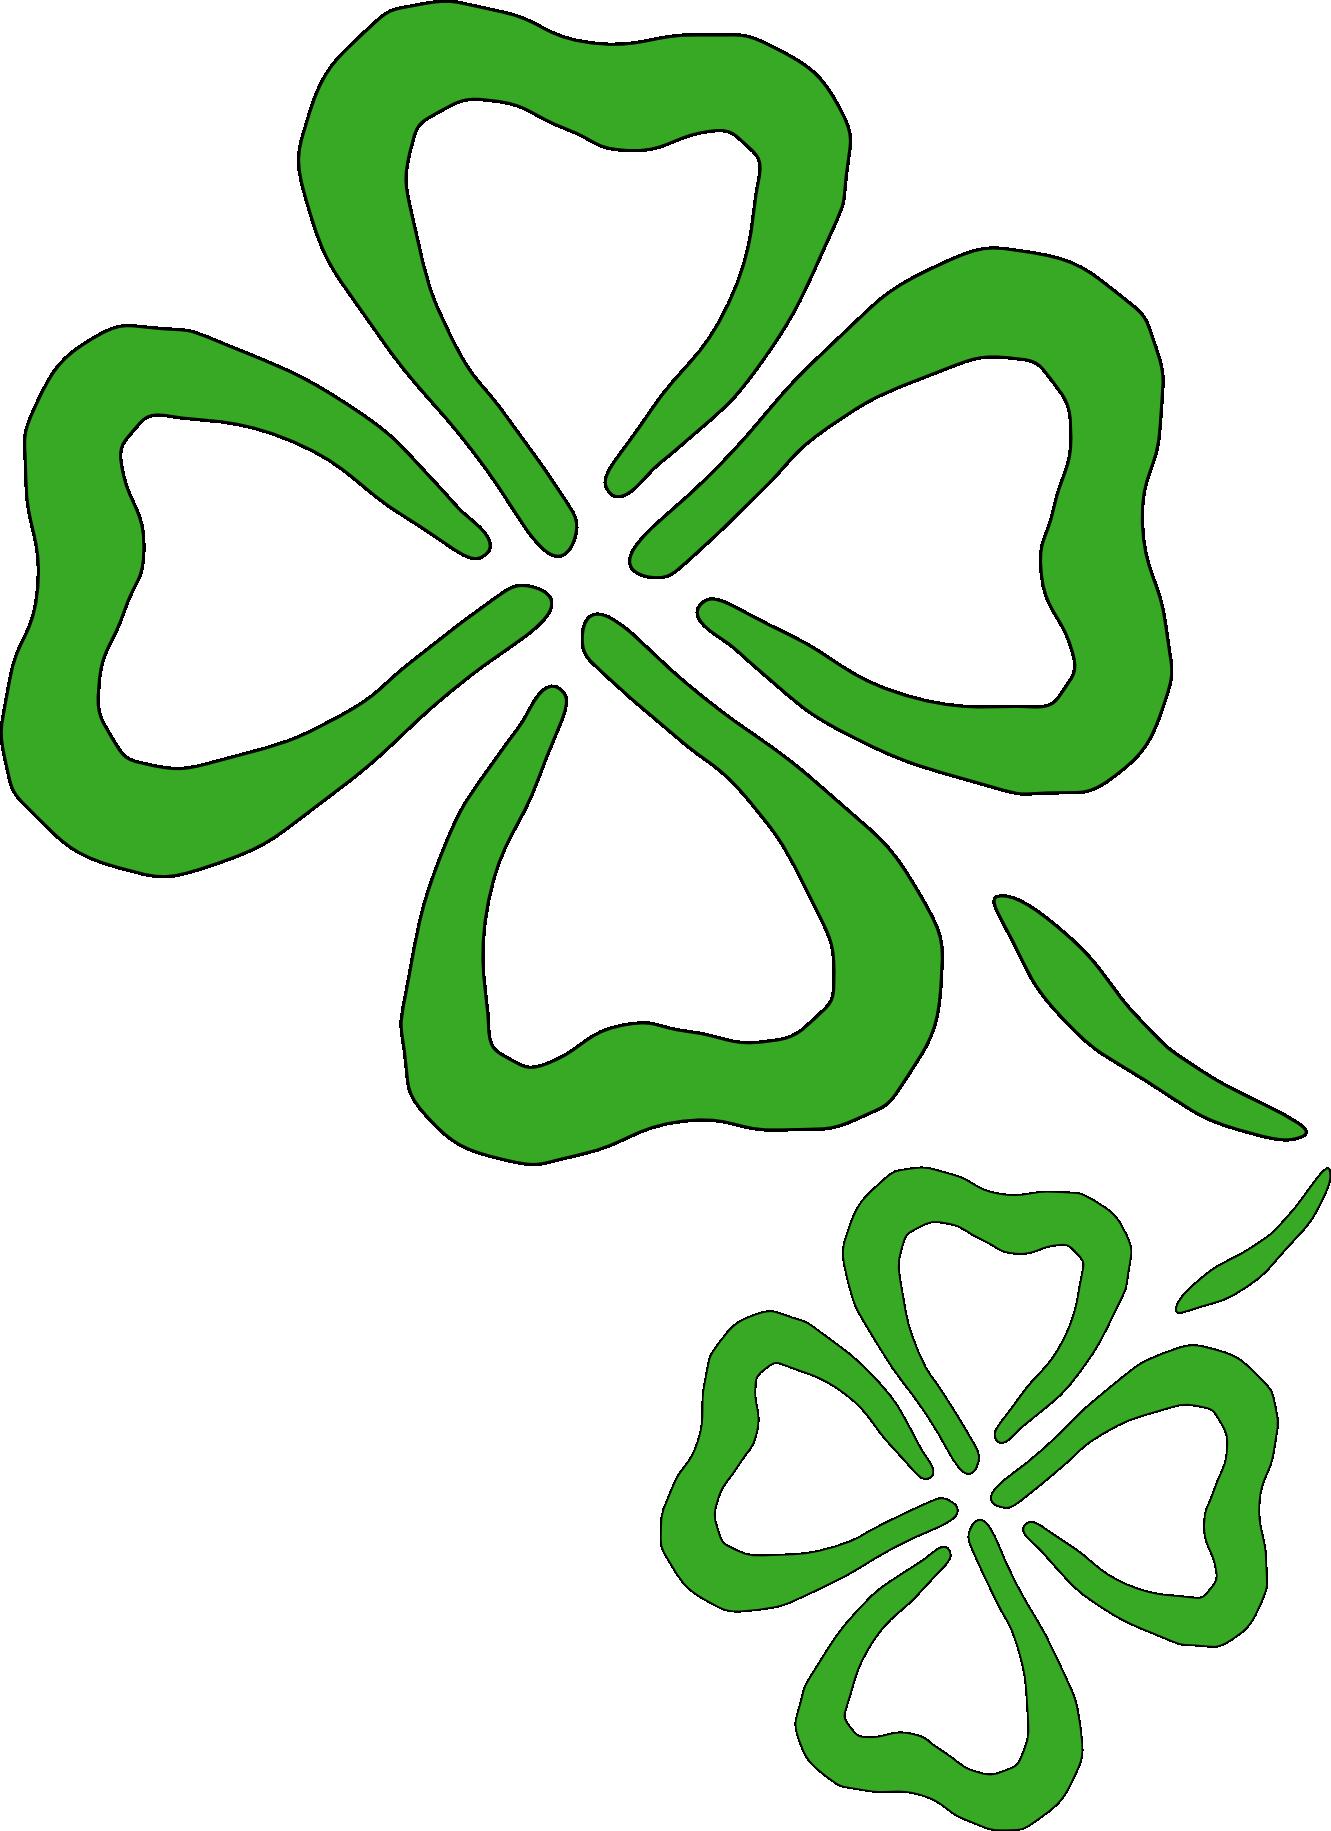 Celt clipart shamrock #14